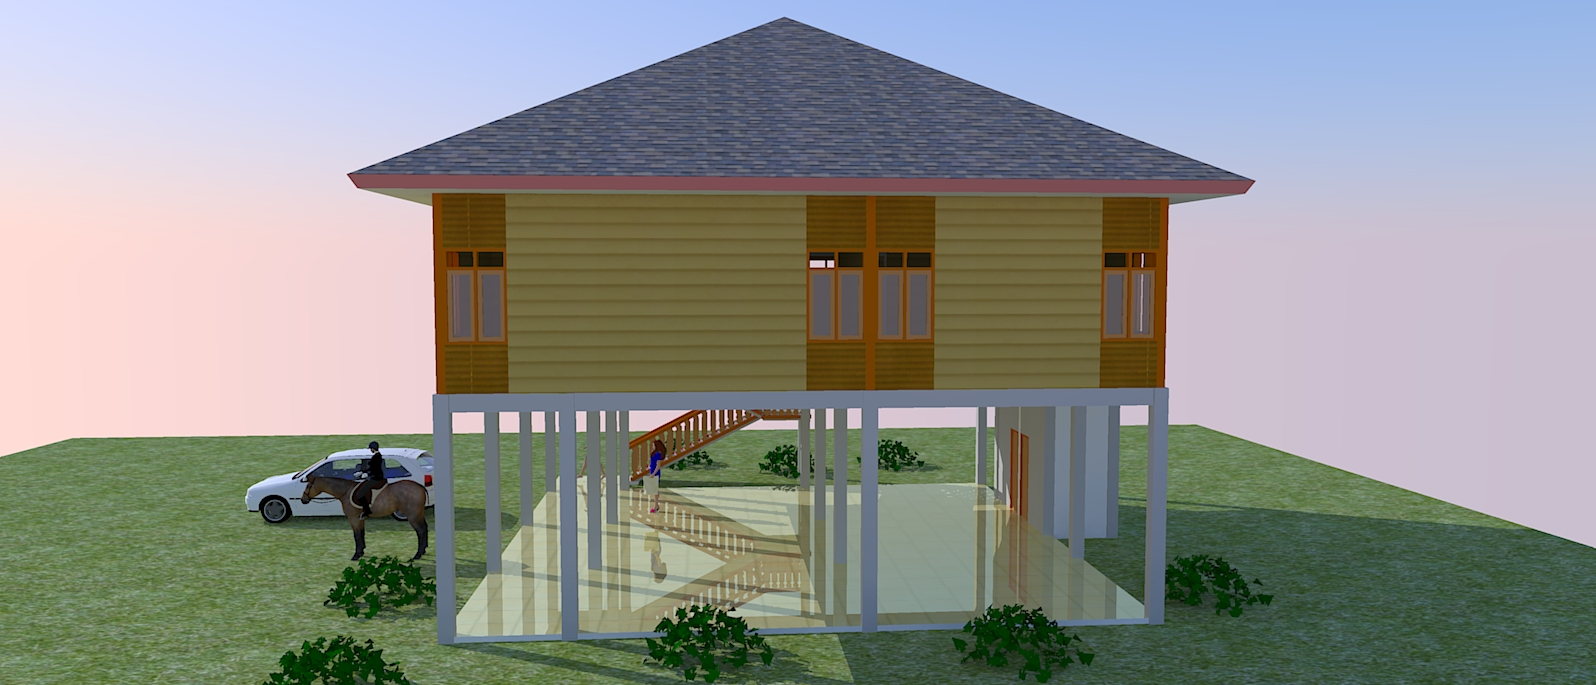 53 Gambar Desain Rumah Kayu Bugis Gratis Terbaru Download